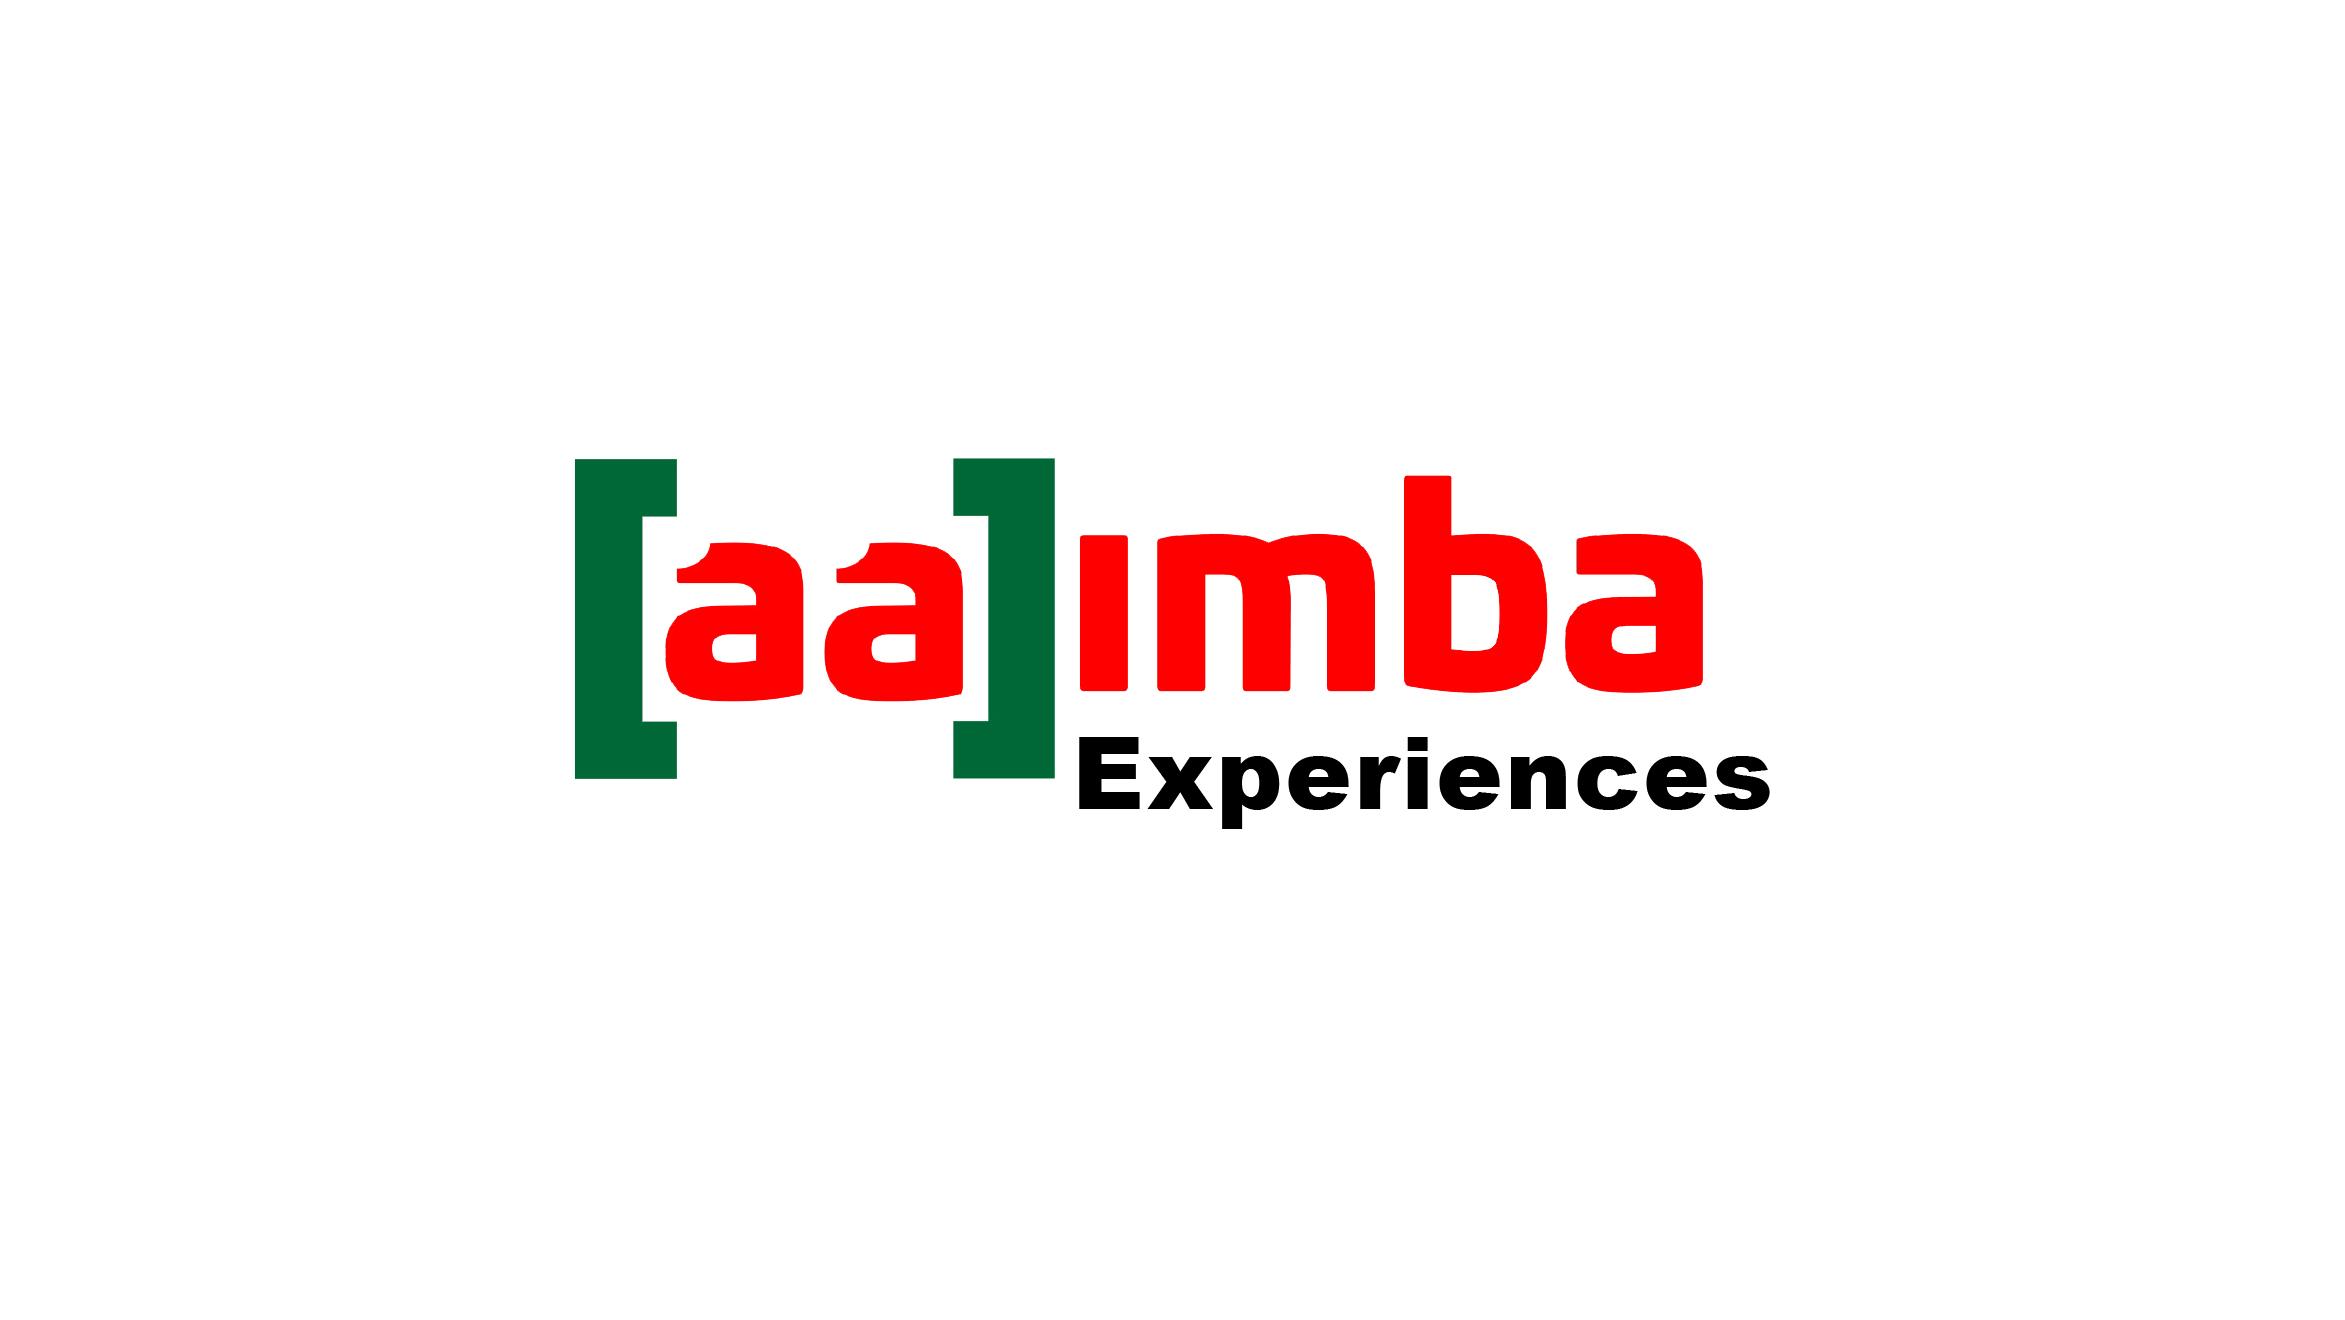 [aa]imba Experiences